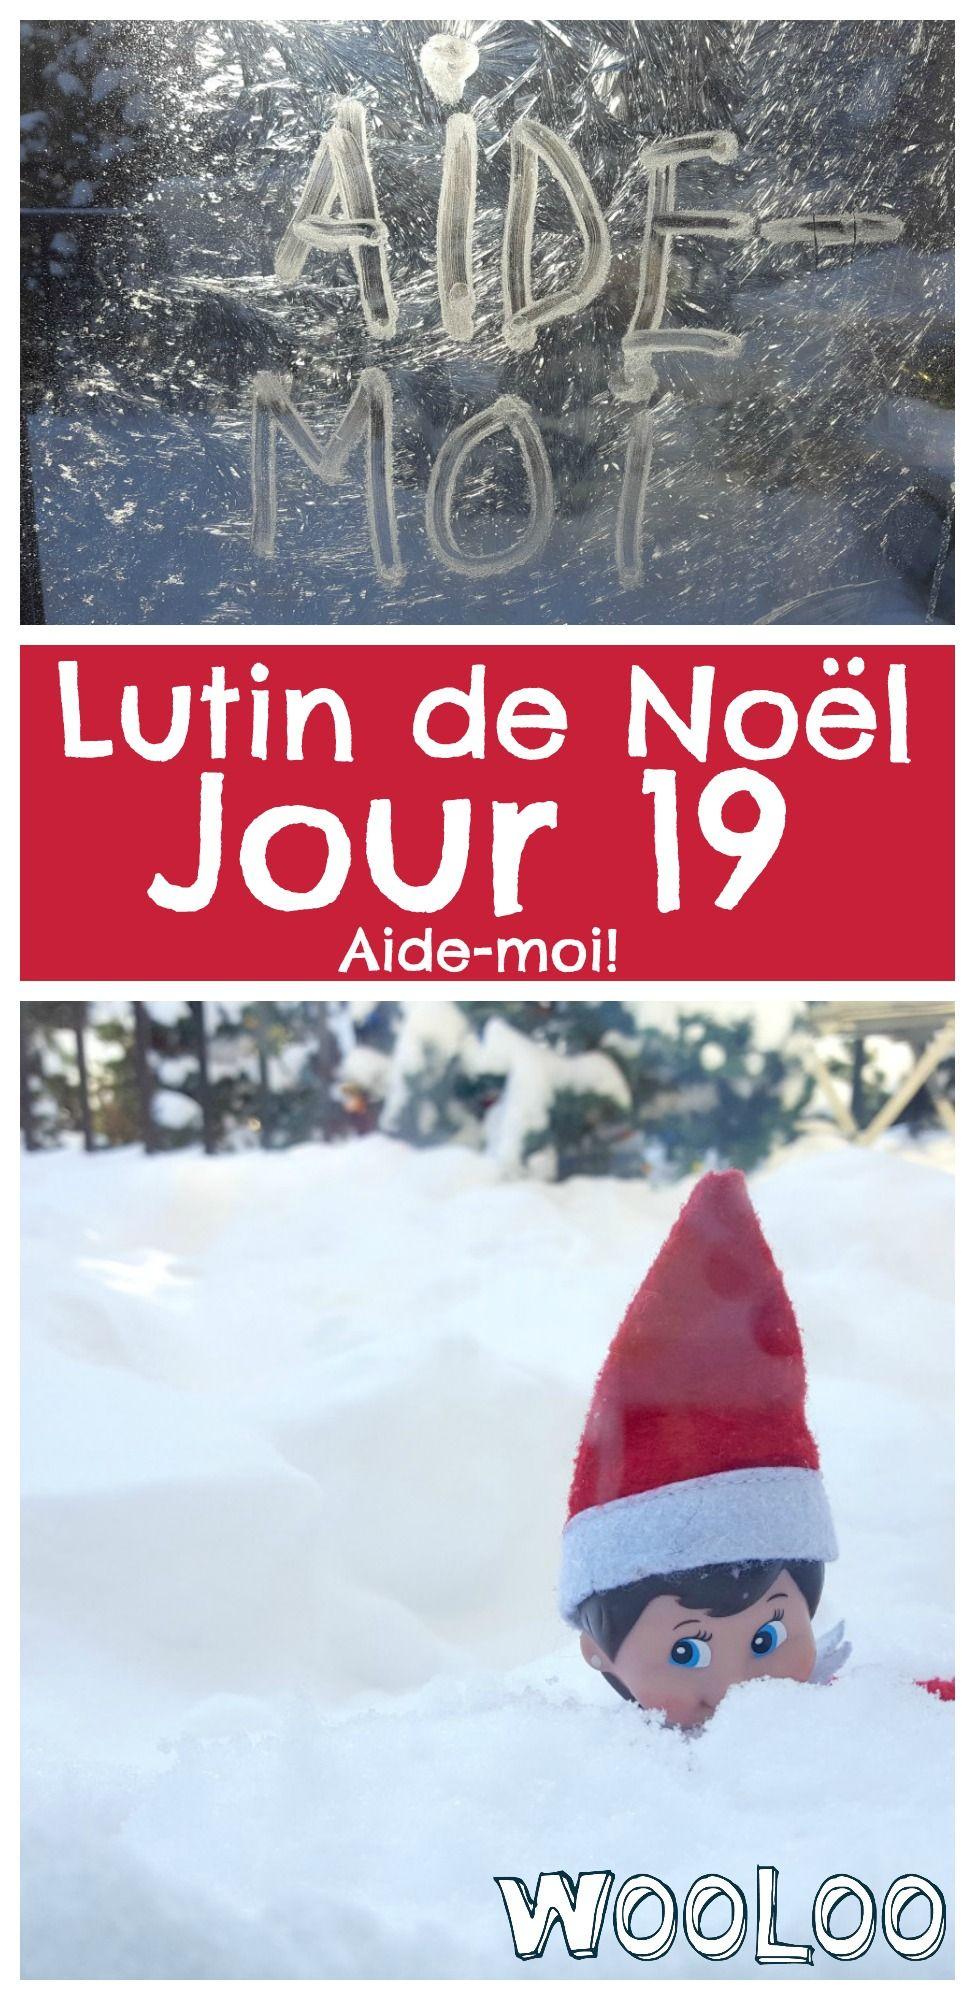 Ce matin, les enfants on reçu un appel à l'aide du lutin! #lutin #noel #elfontheshelf #christmas